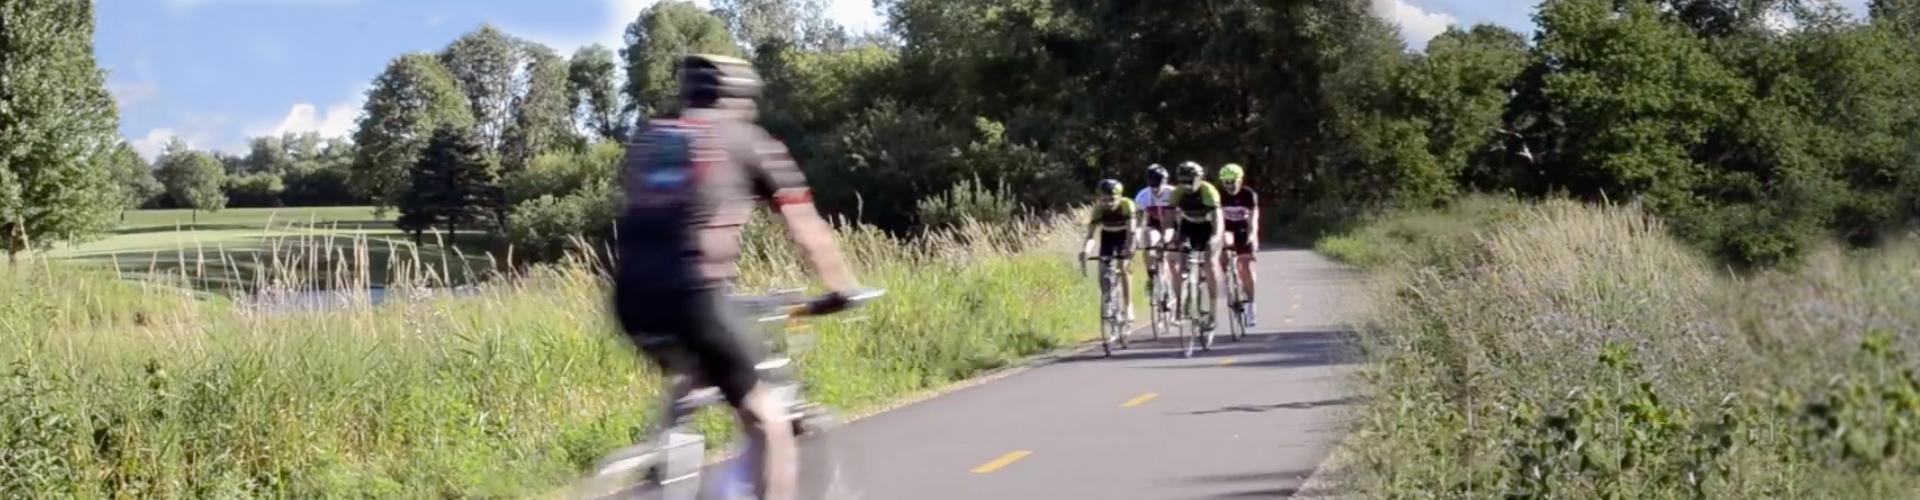 Bike a Trail